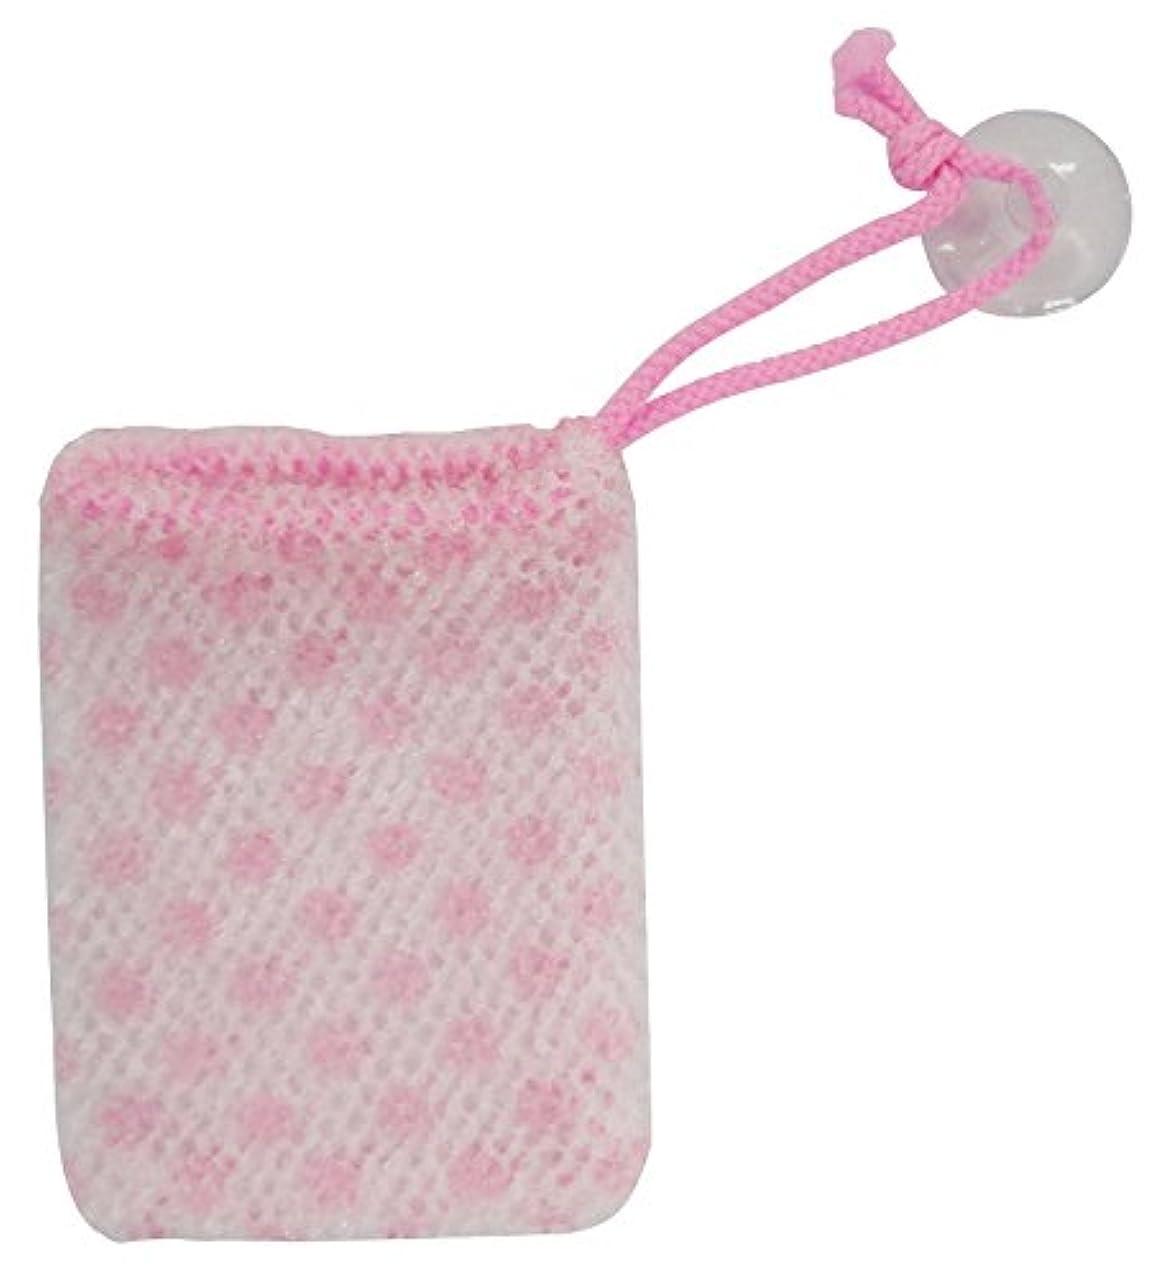 製作腹痛突っ込む小久保 たっぷり泡立つ立体メッシュ素材 あわあわ石けんネット ピンク 3272